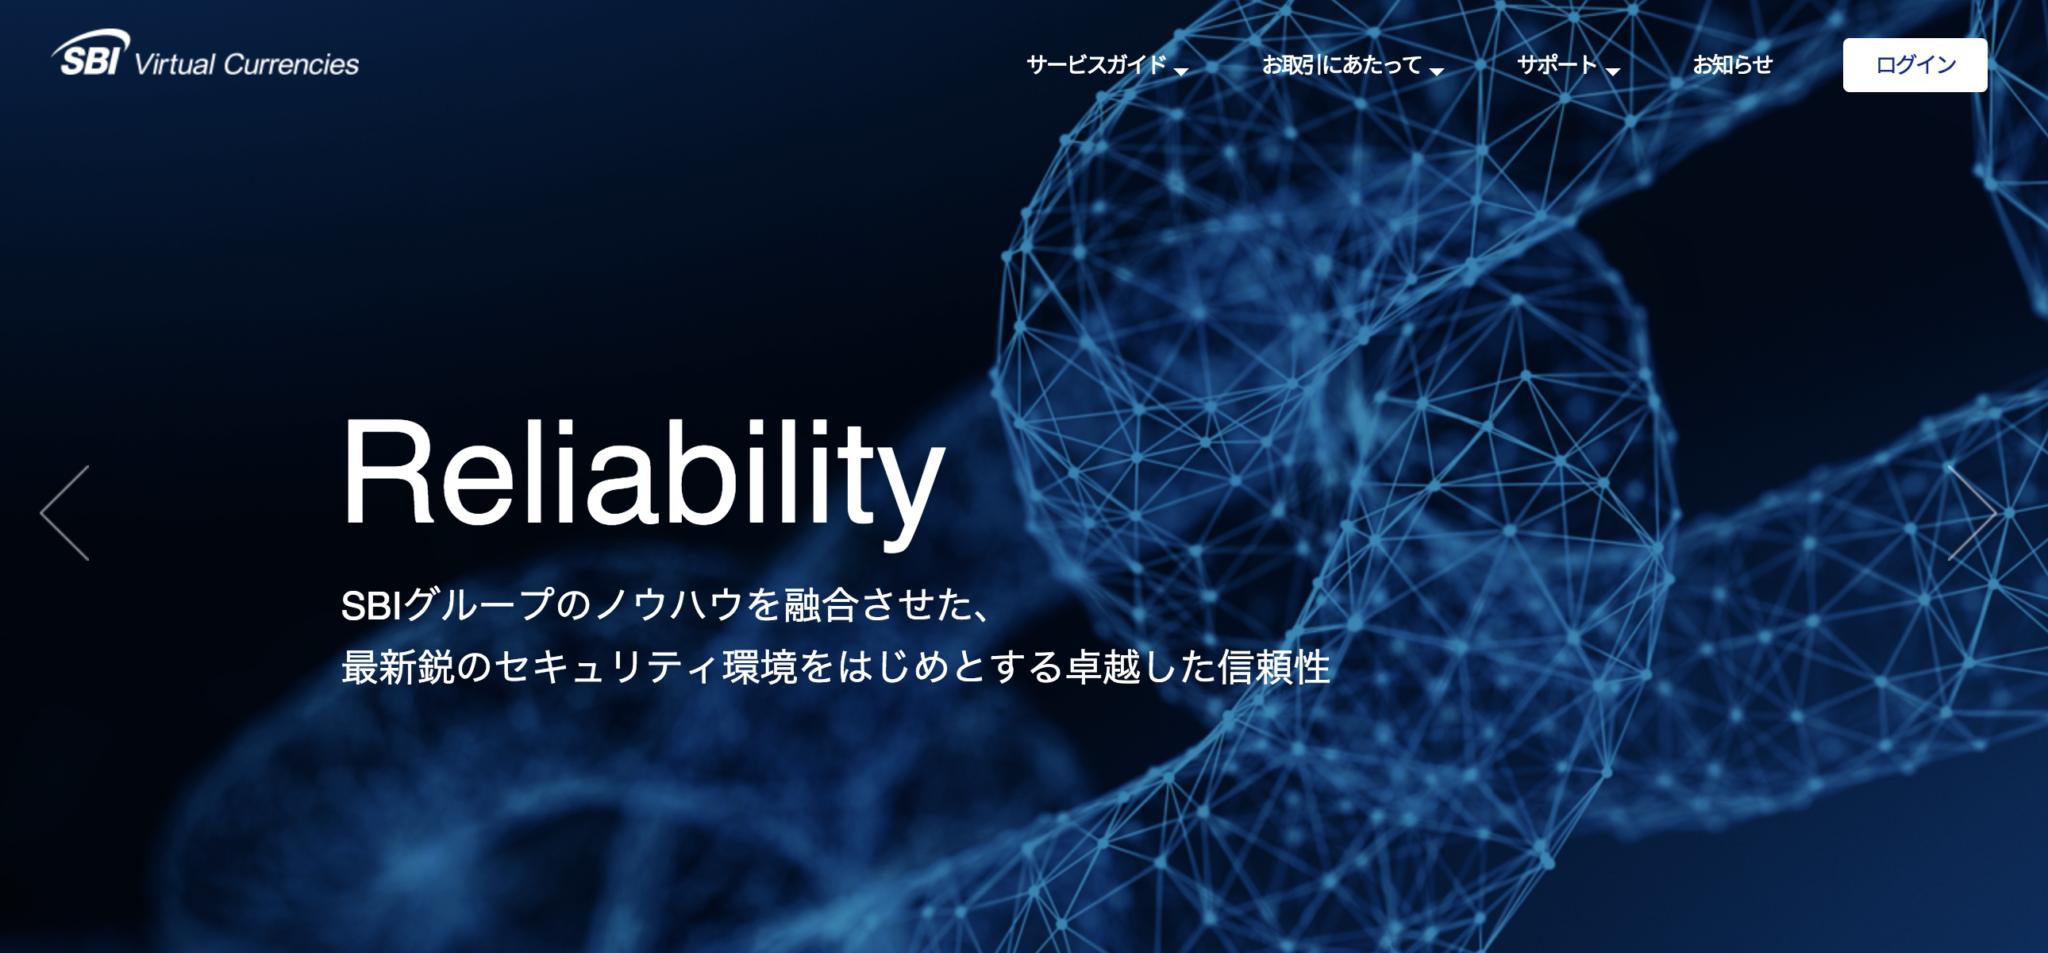 sbivcの公式サイト画像